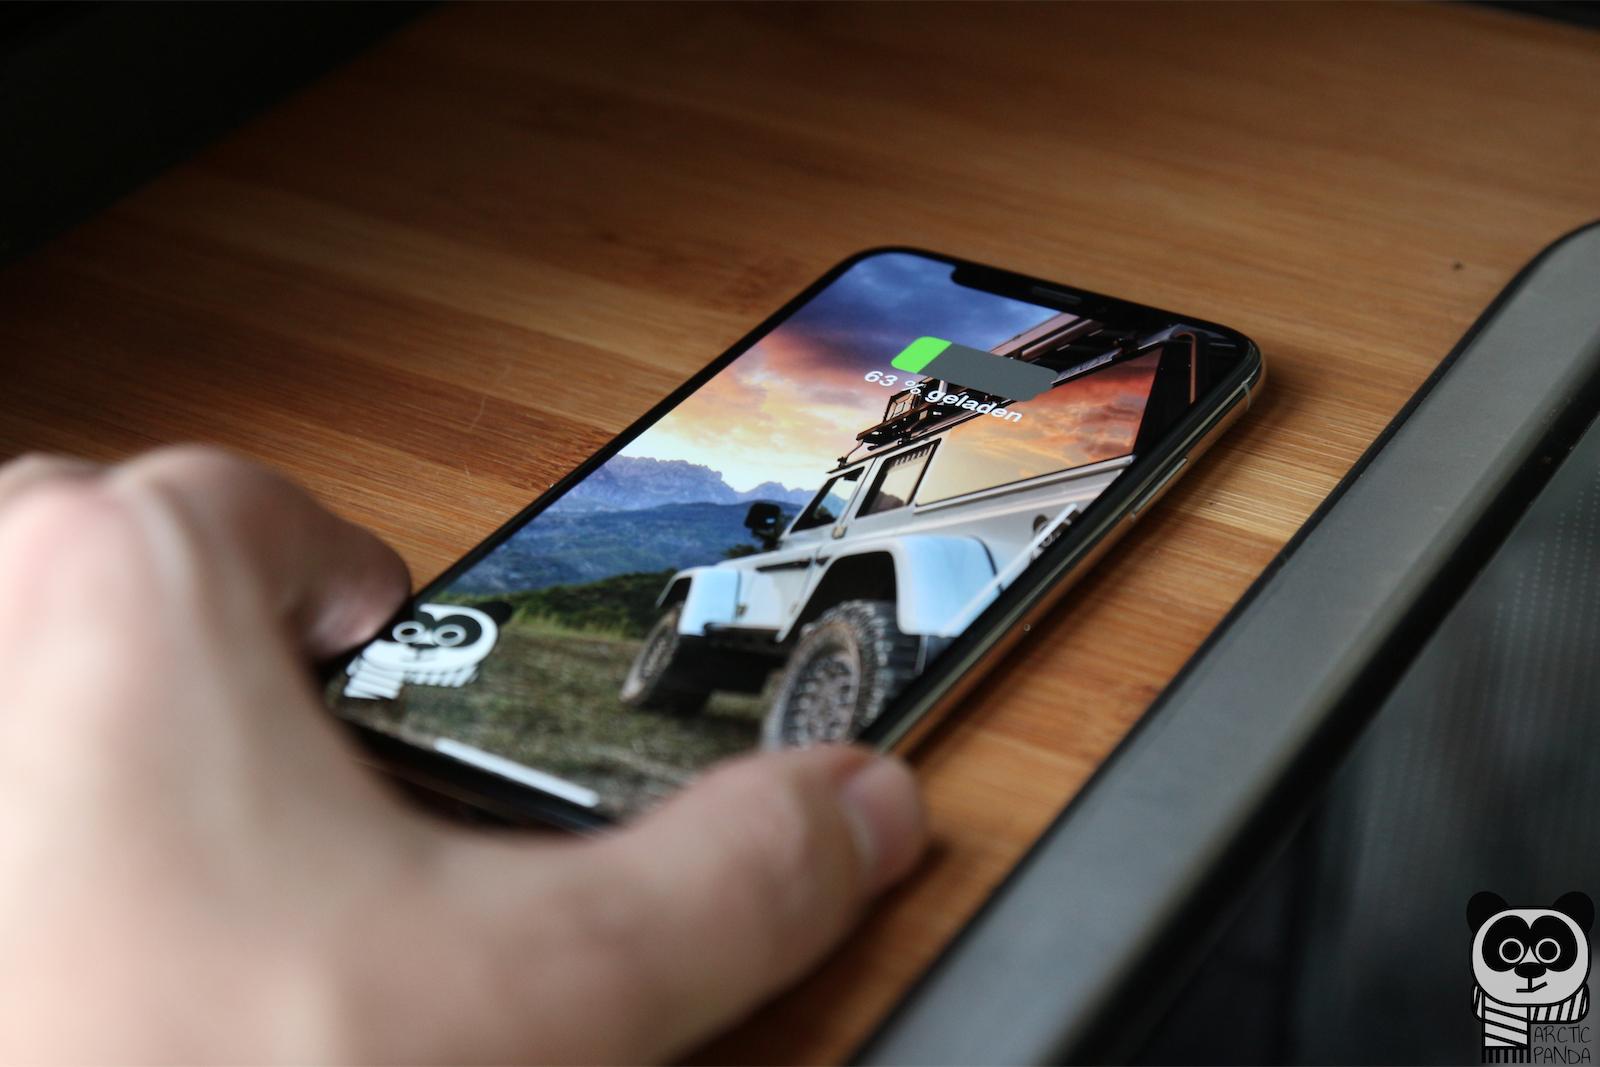 Campingausbau - Induktives Laden durch bloßes ablegen des iPhones auf die Küchenplatte.